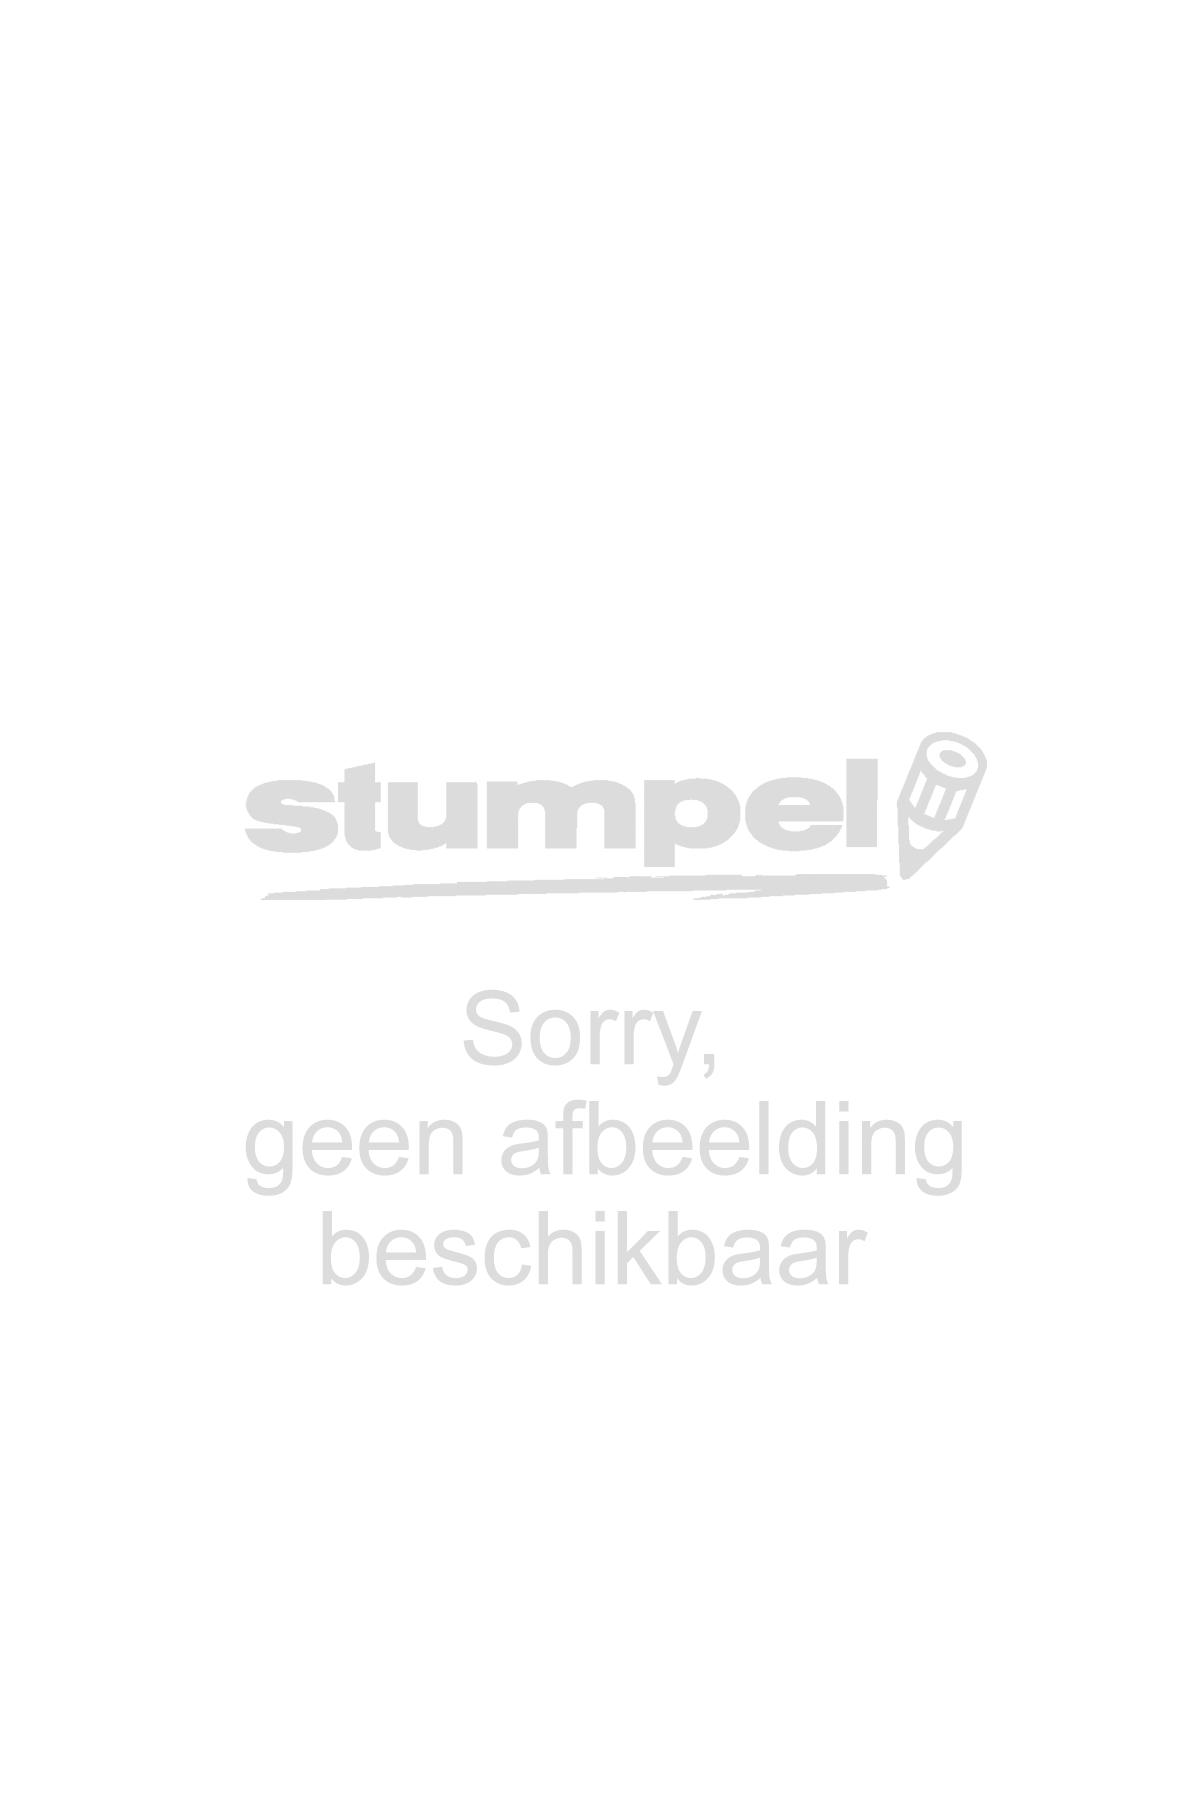 markeerstift-stabilo-boss-7054-oranje-635006